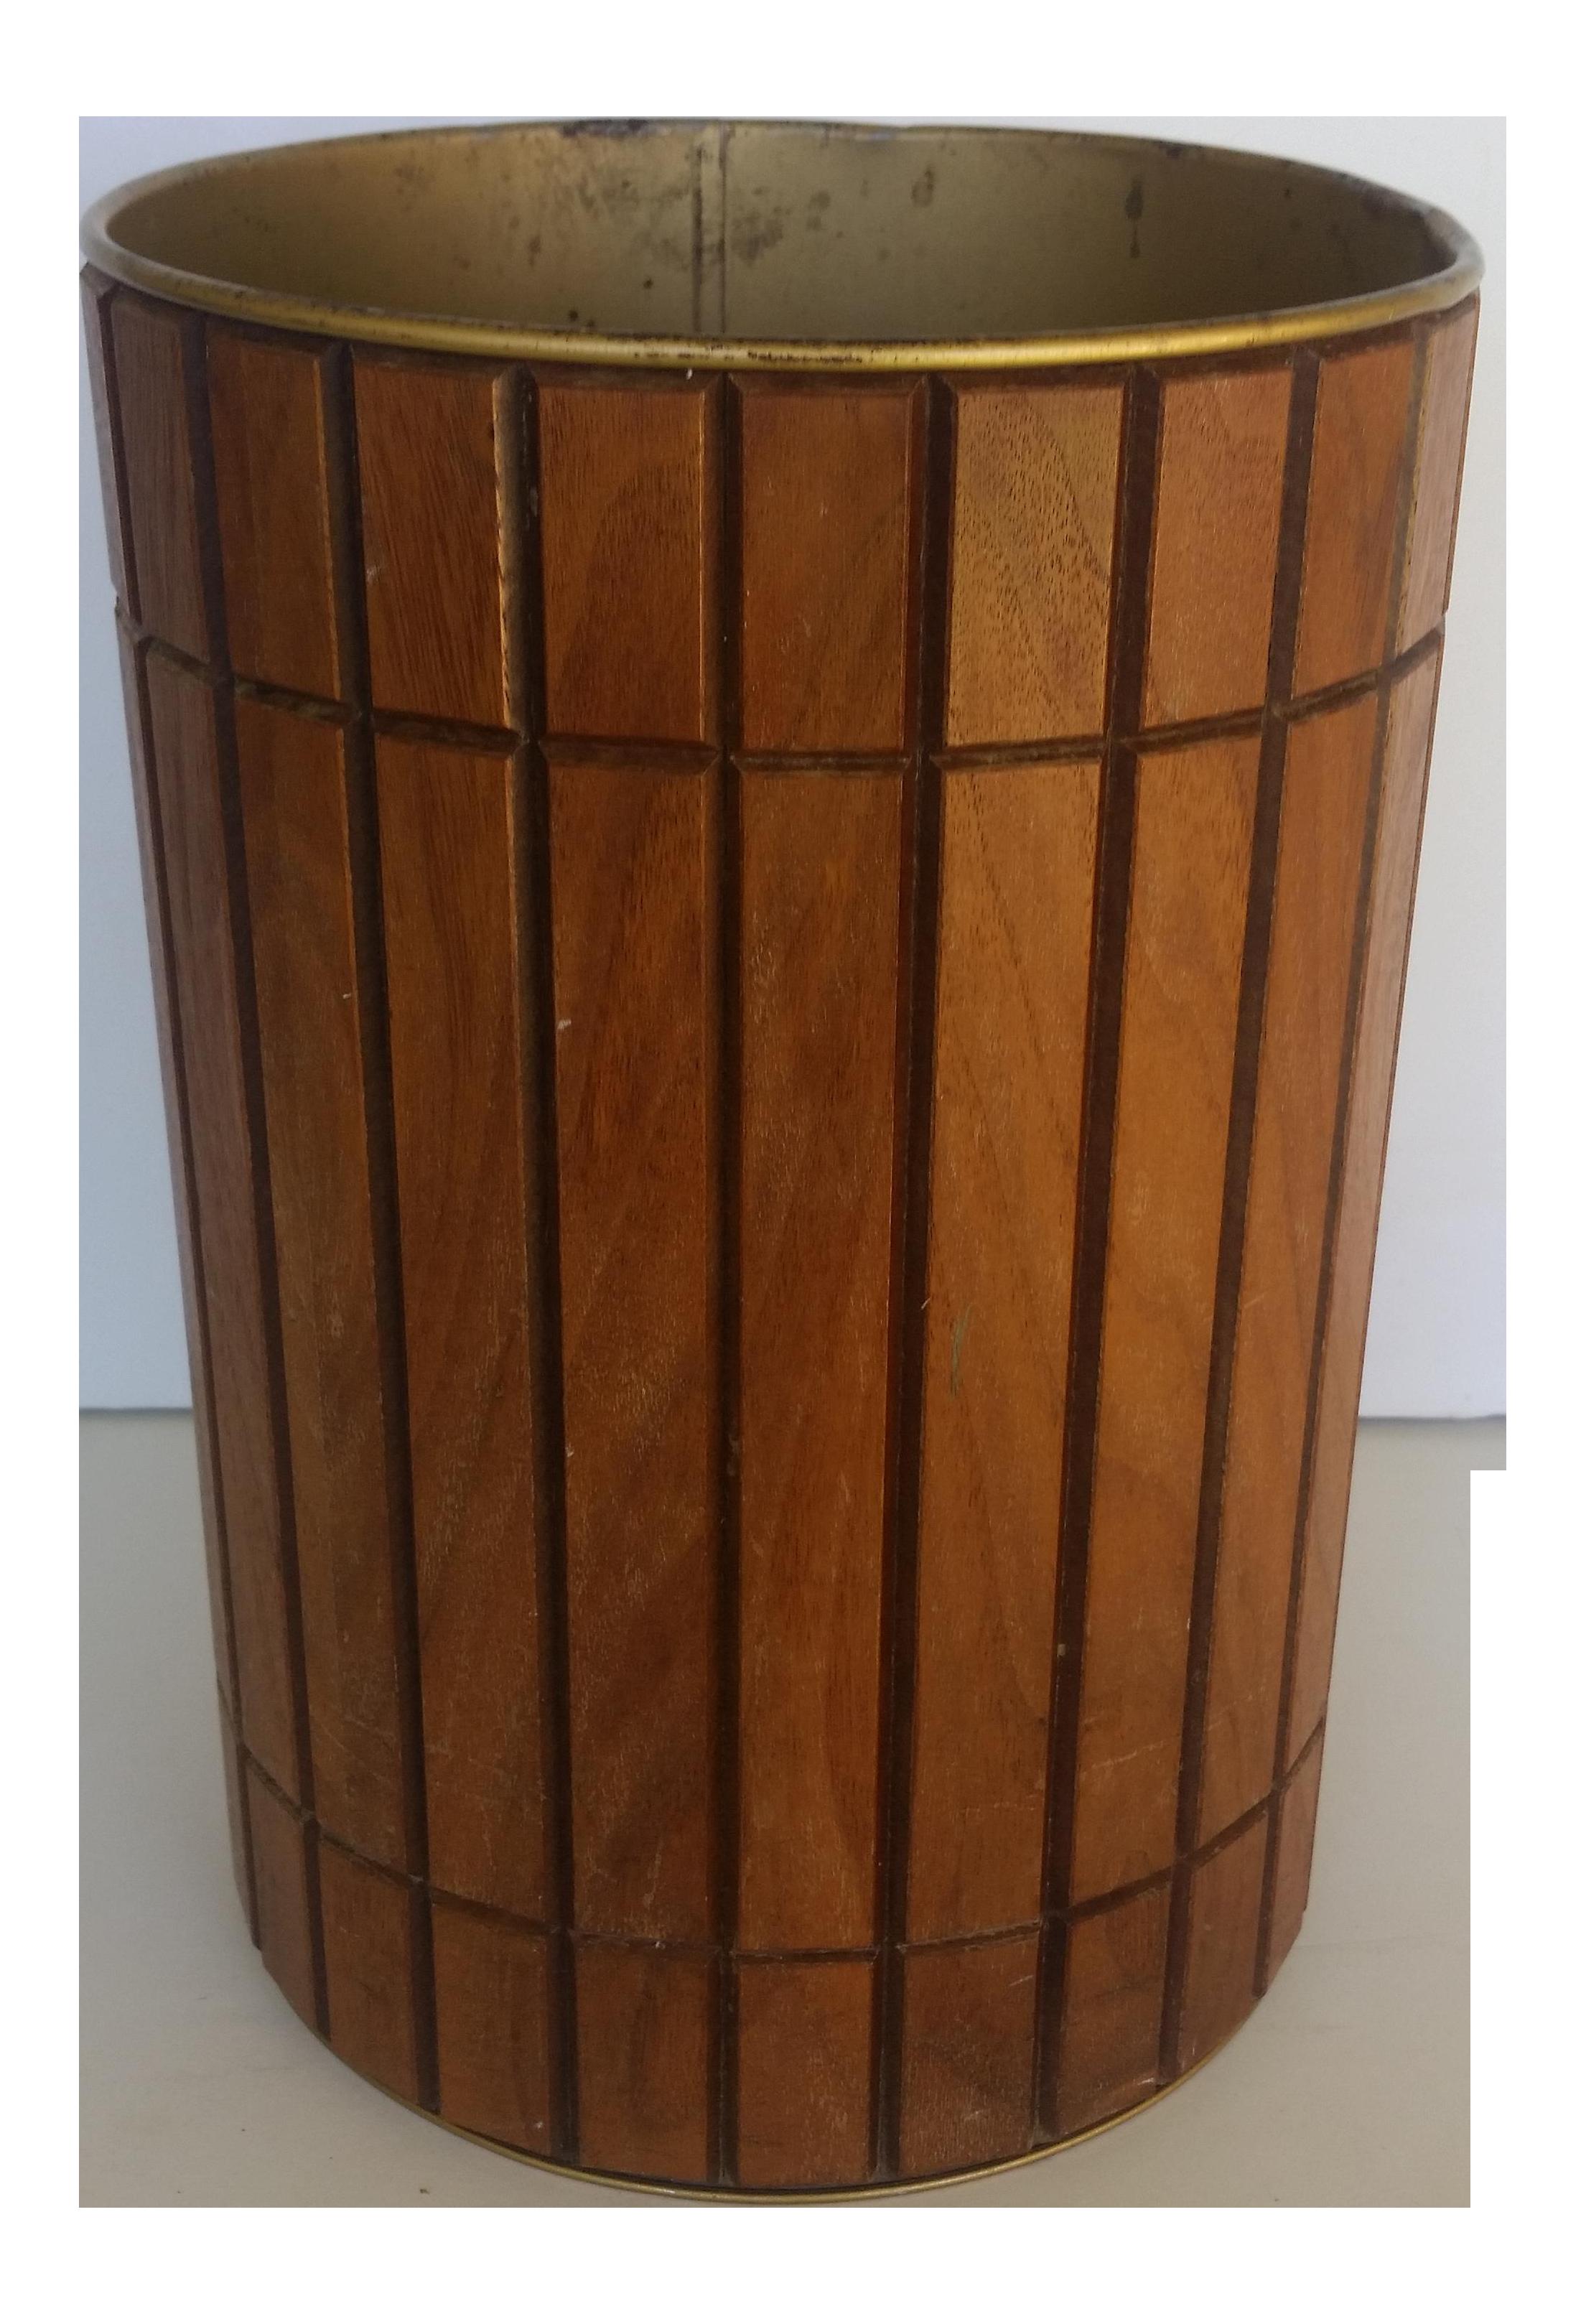 Vintage Gruvwood Trash Can Waste Basket Wood Trash Can Waste